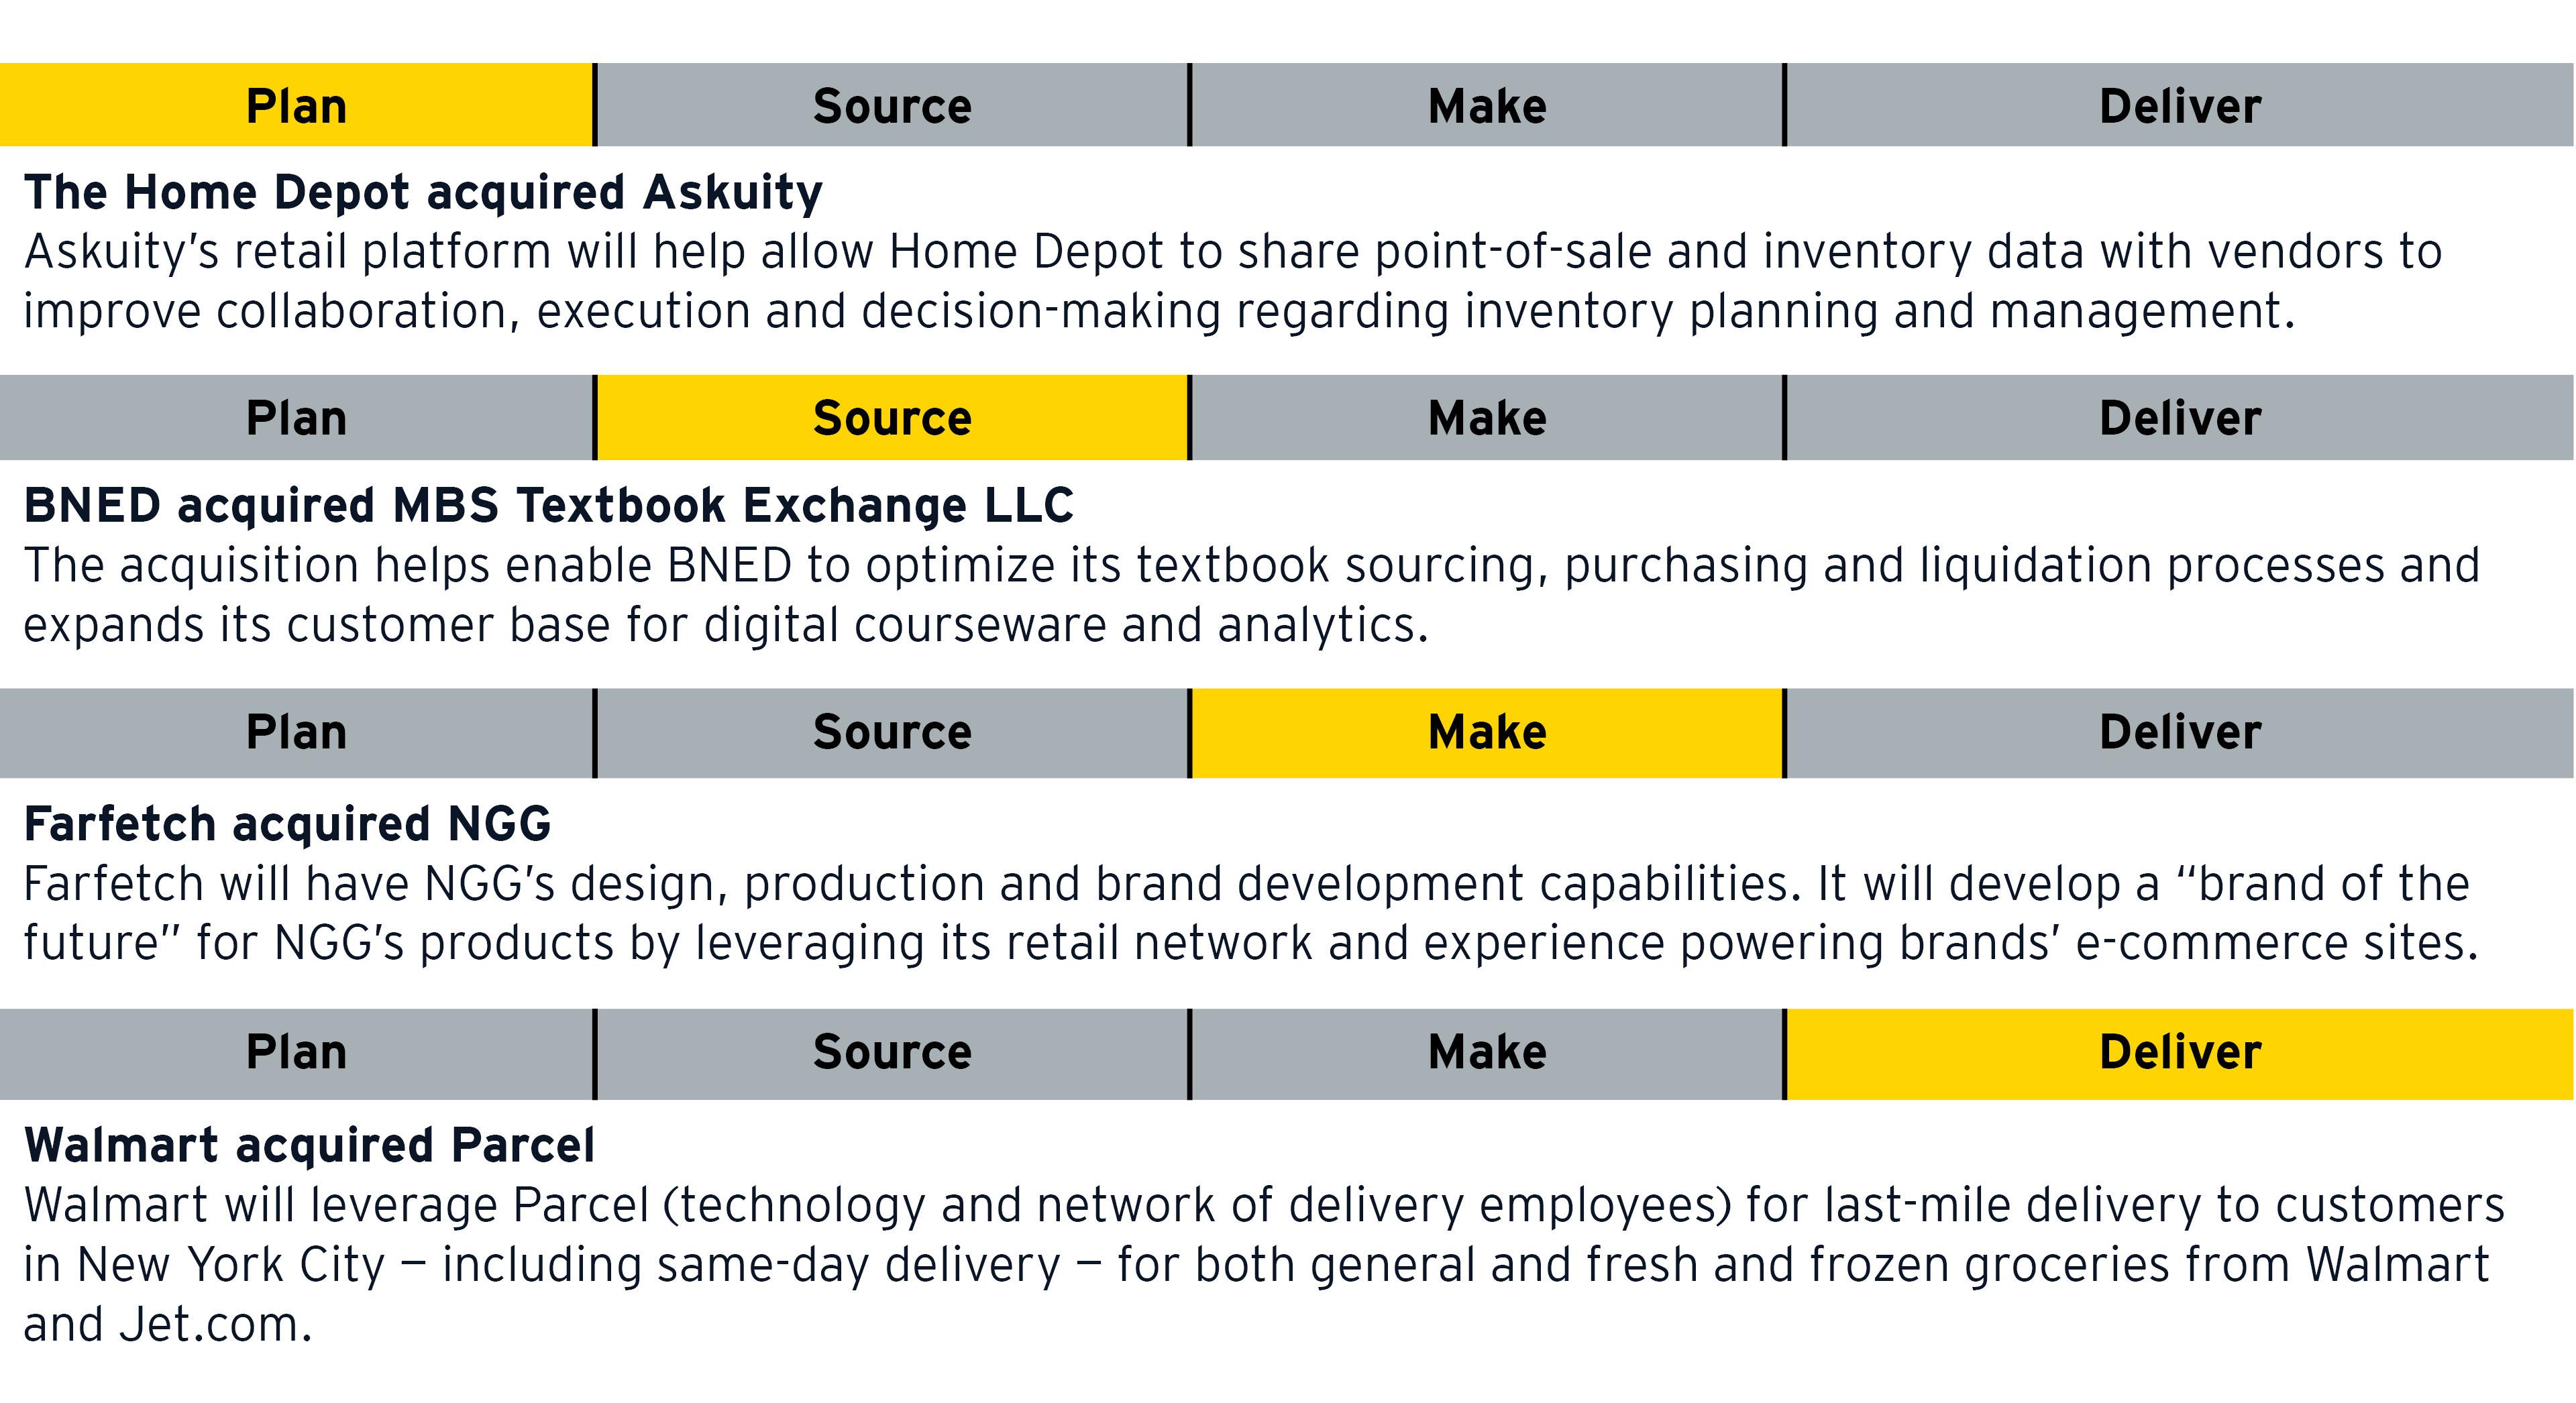 Esempi di catene di fornitura al dettaglio di acquisizioni di piani, di fonti, di marche e di consegne